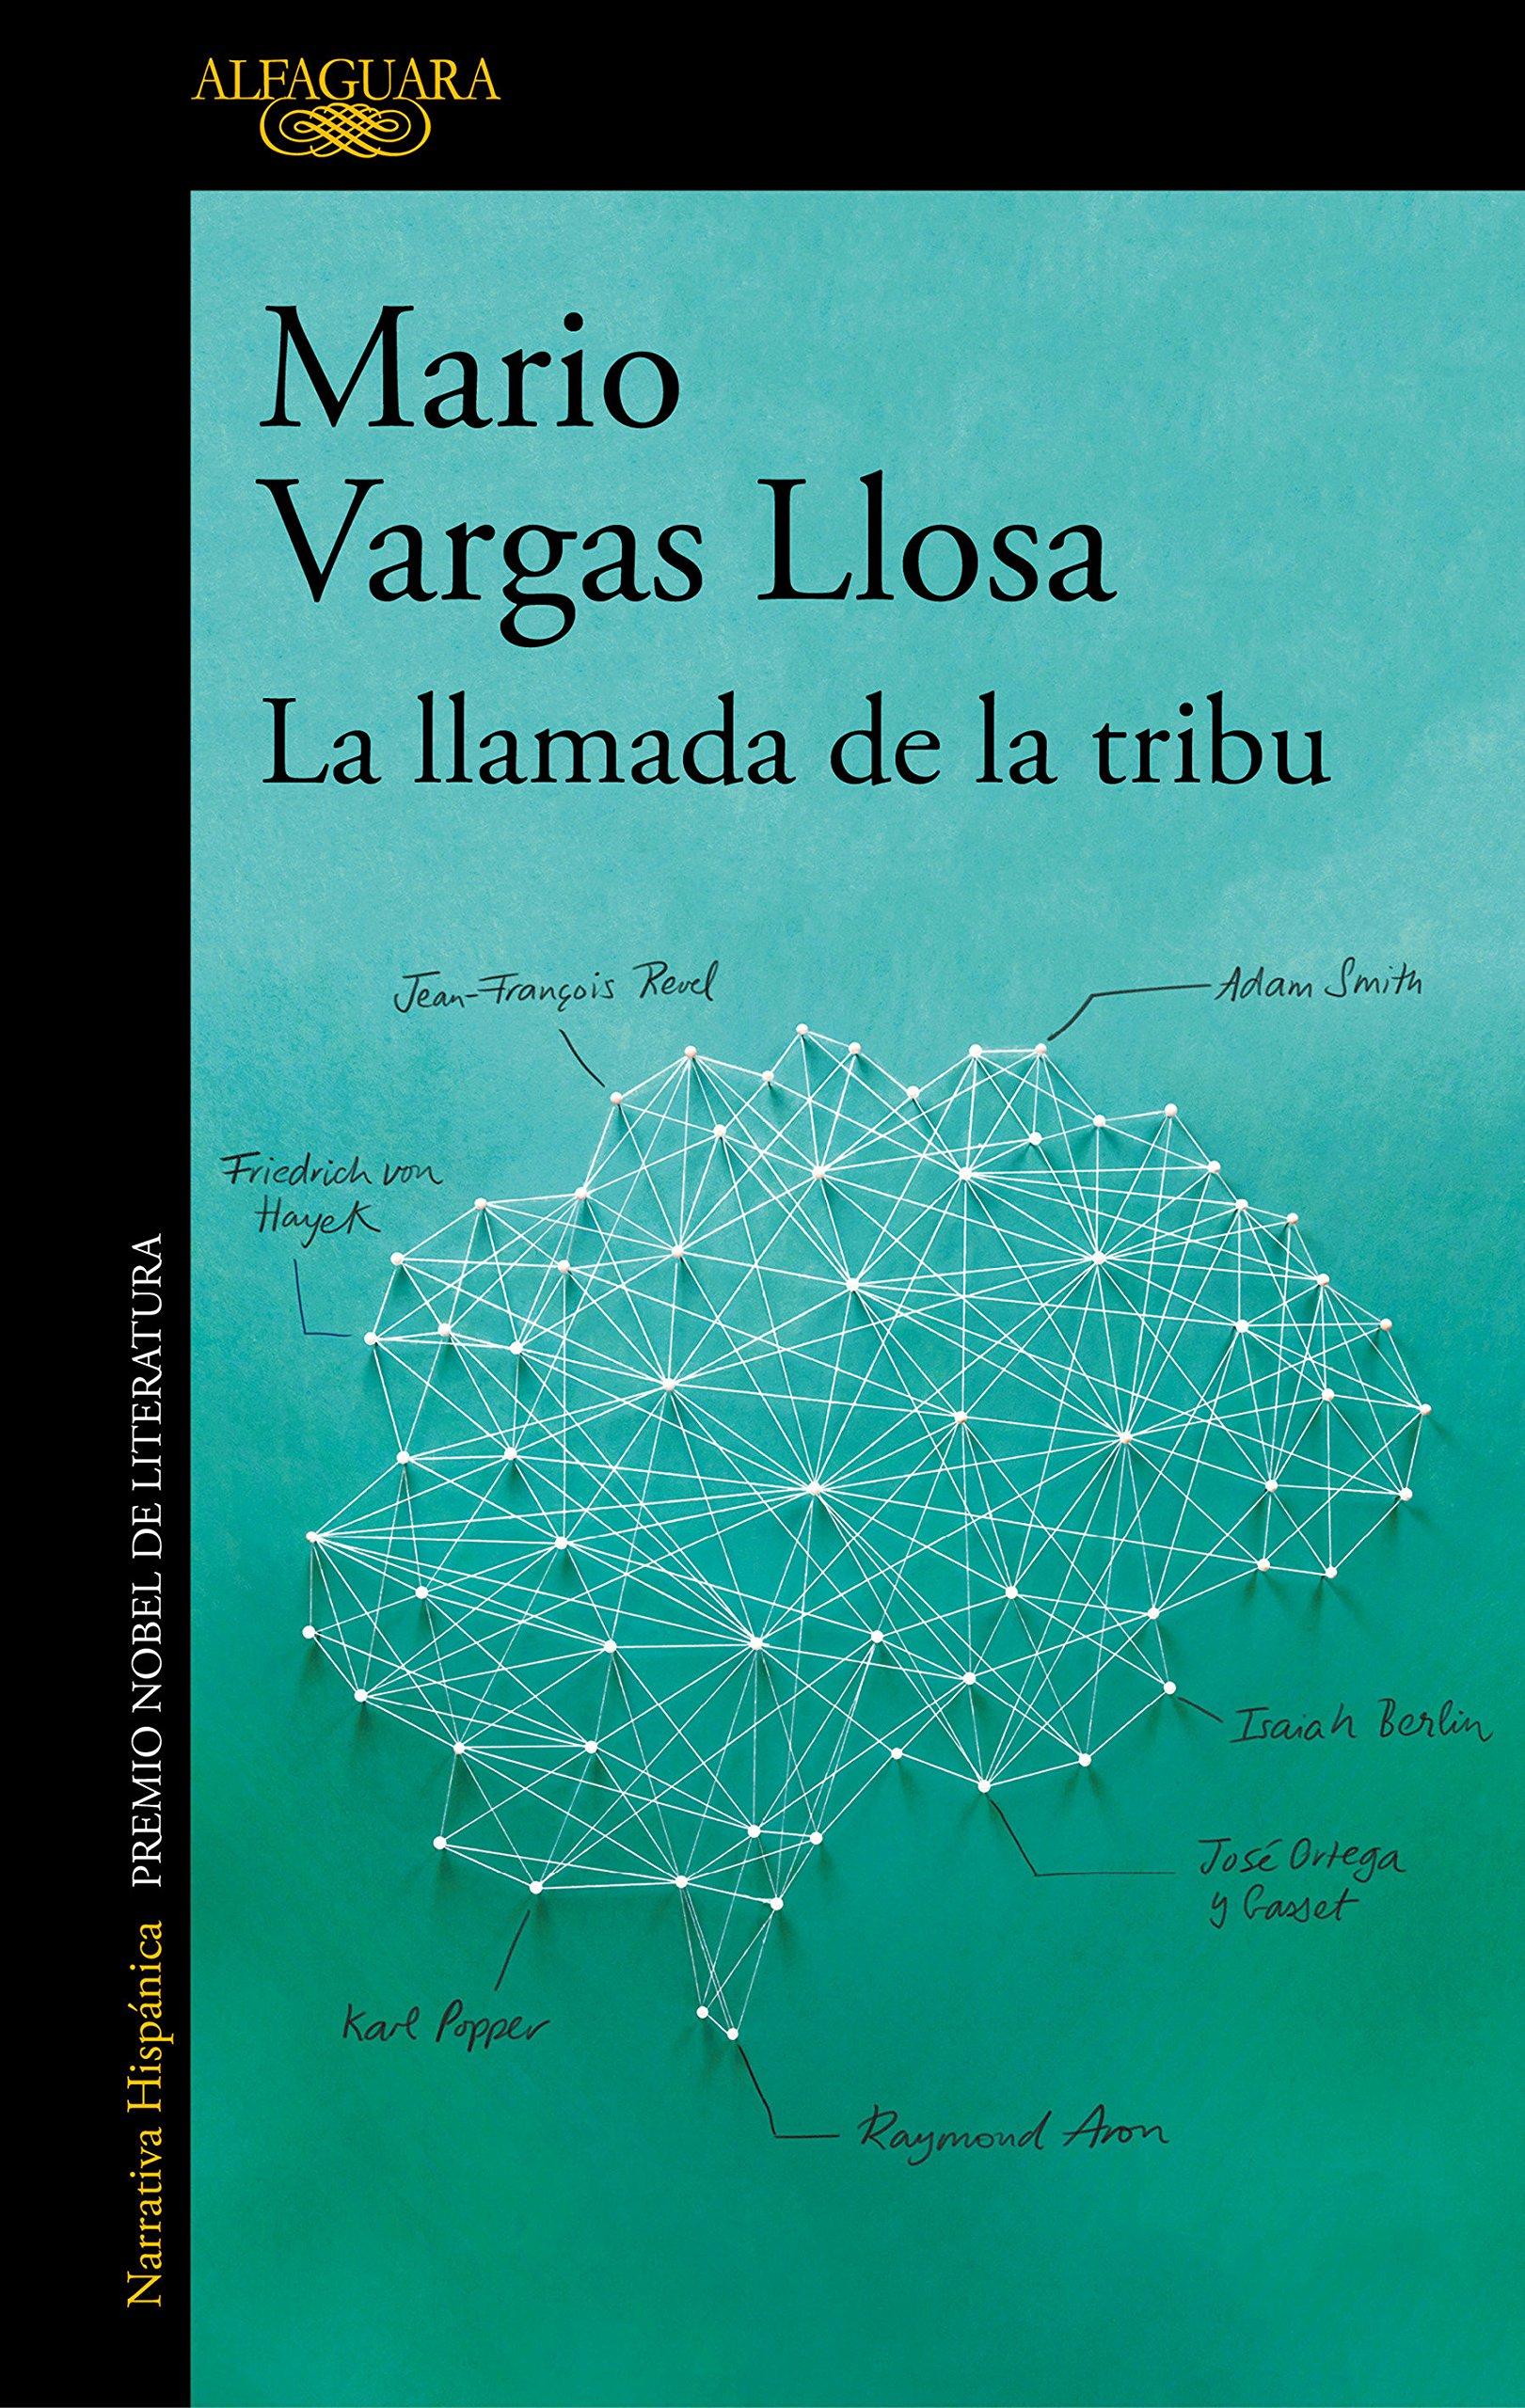 La Llamada de la Tribu / The Call of the Tribe: Amazon.es: Mario Vargas Llosa: Libros